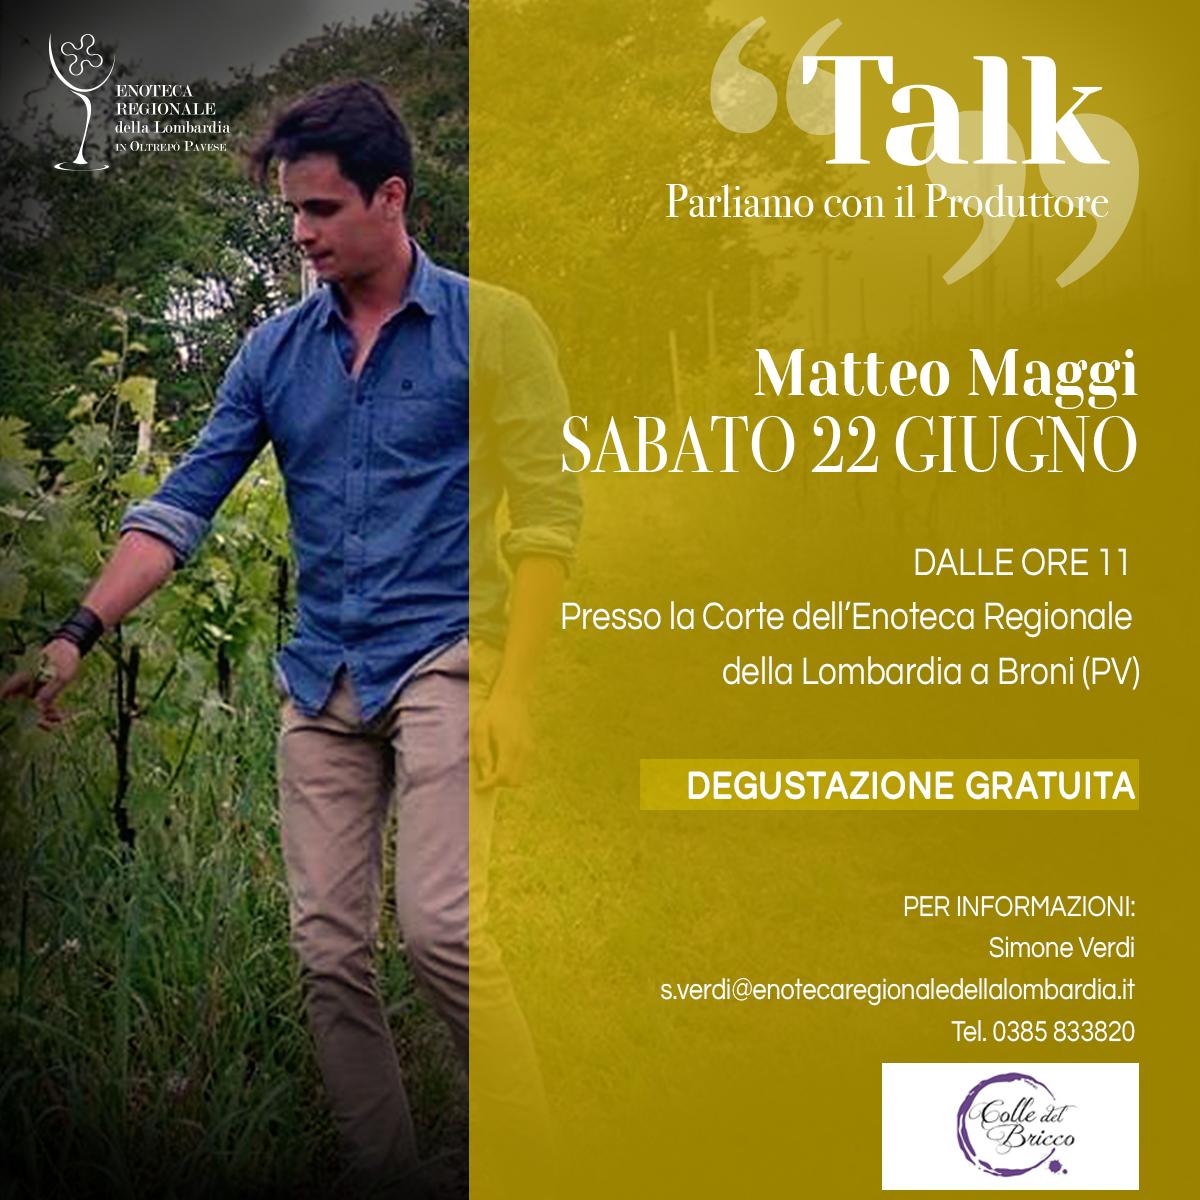 Talk - Parliamo col Produttore